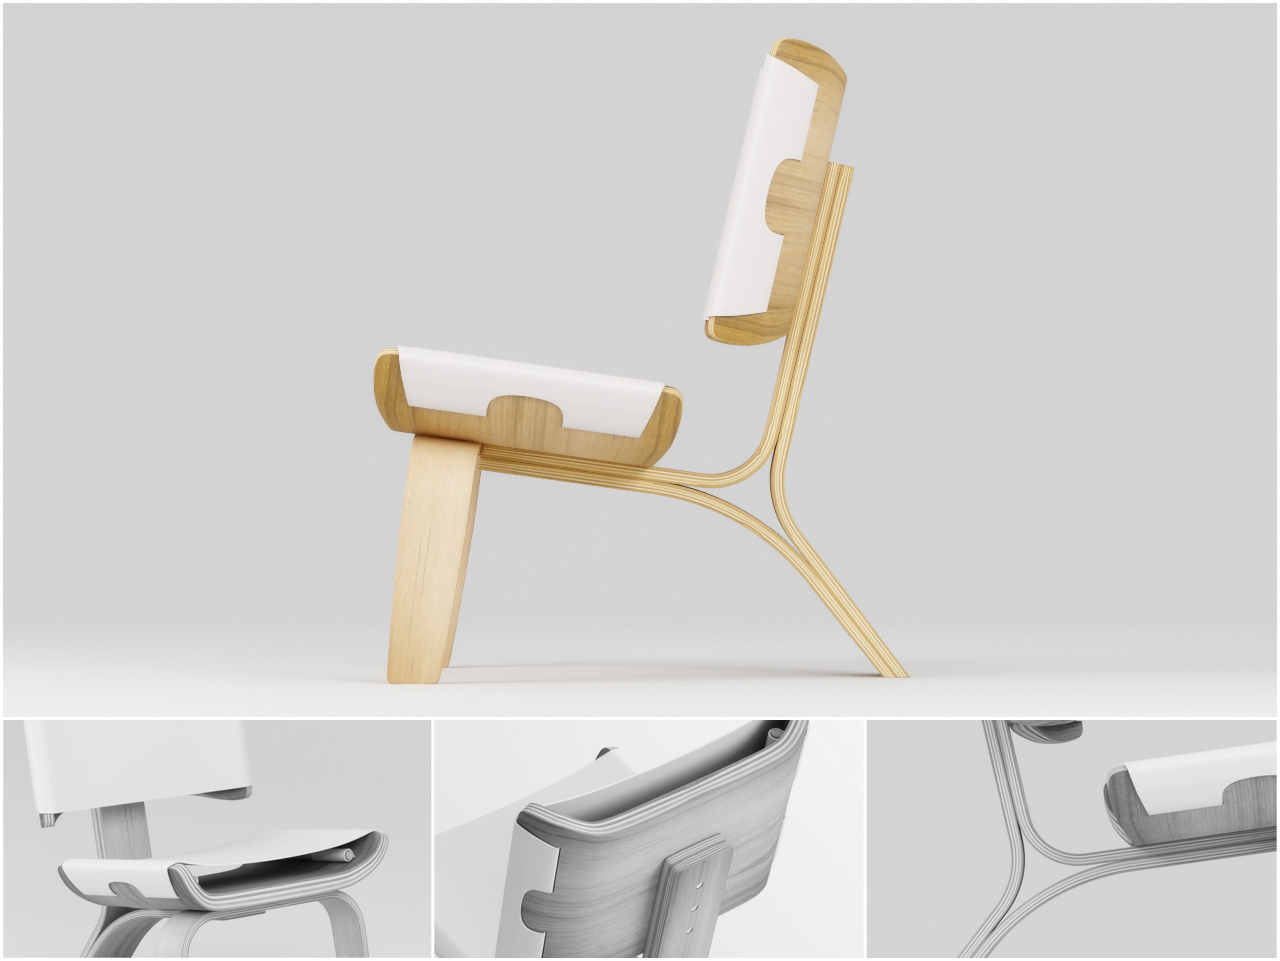 Ffulch the kurven chair 1 dba06b54 j5ry